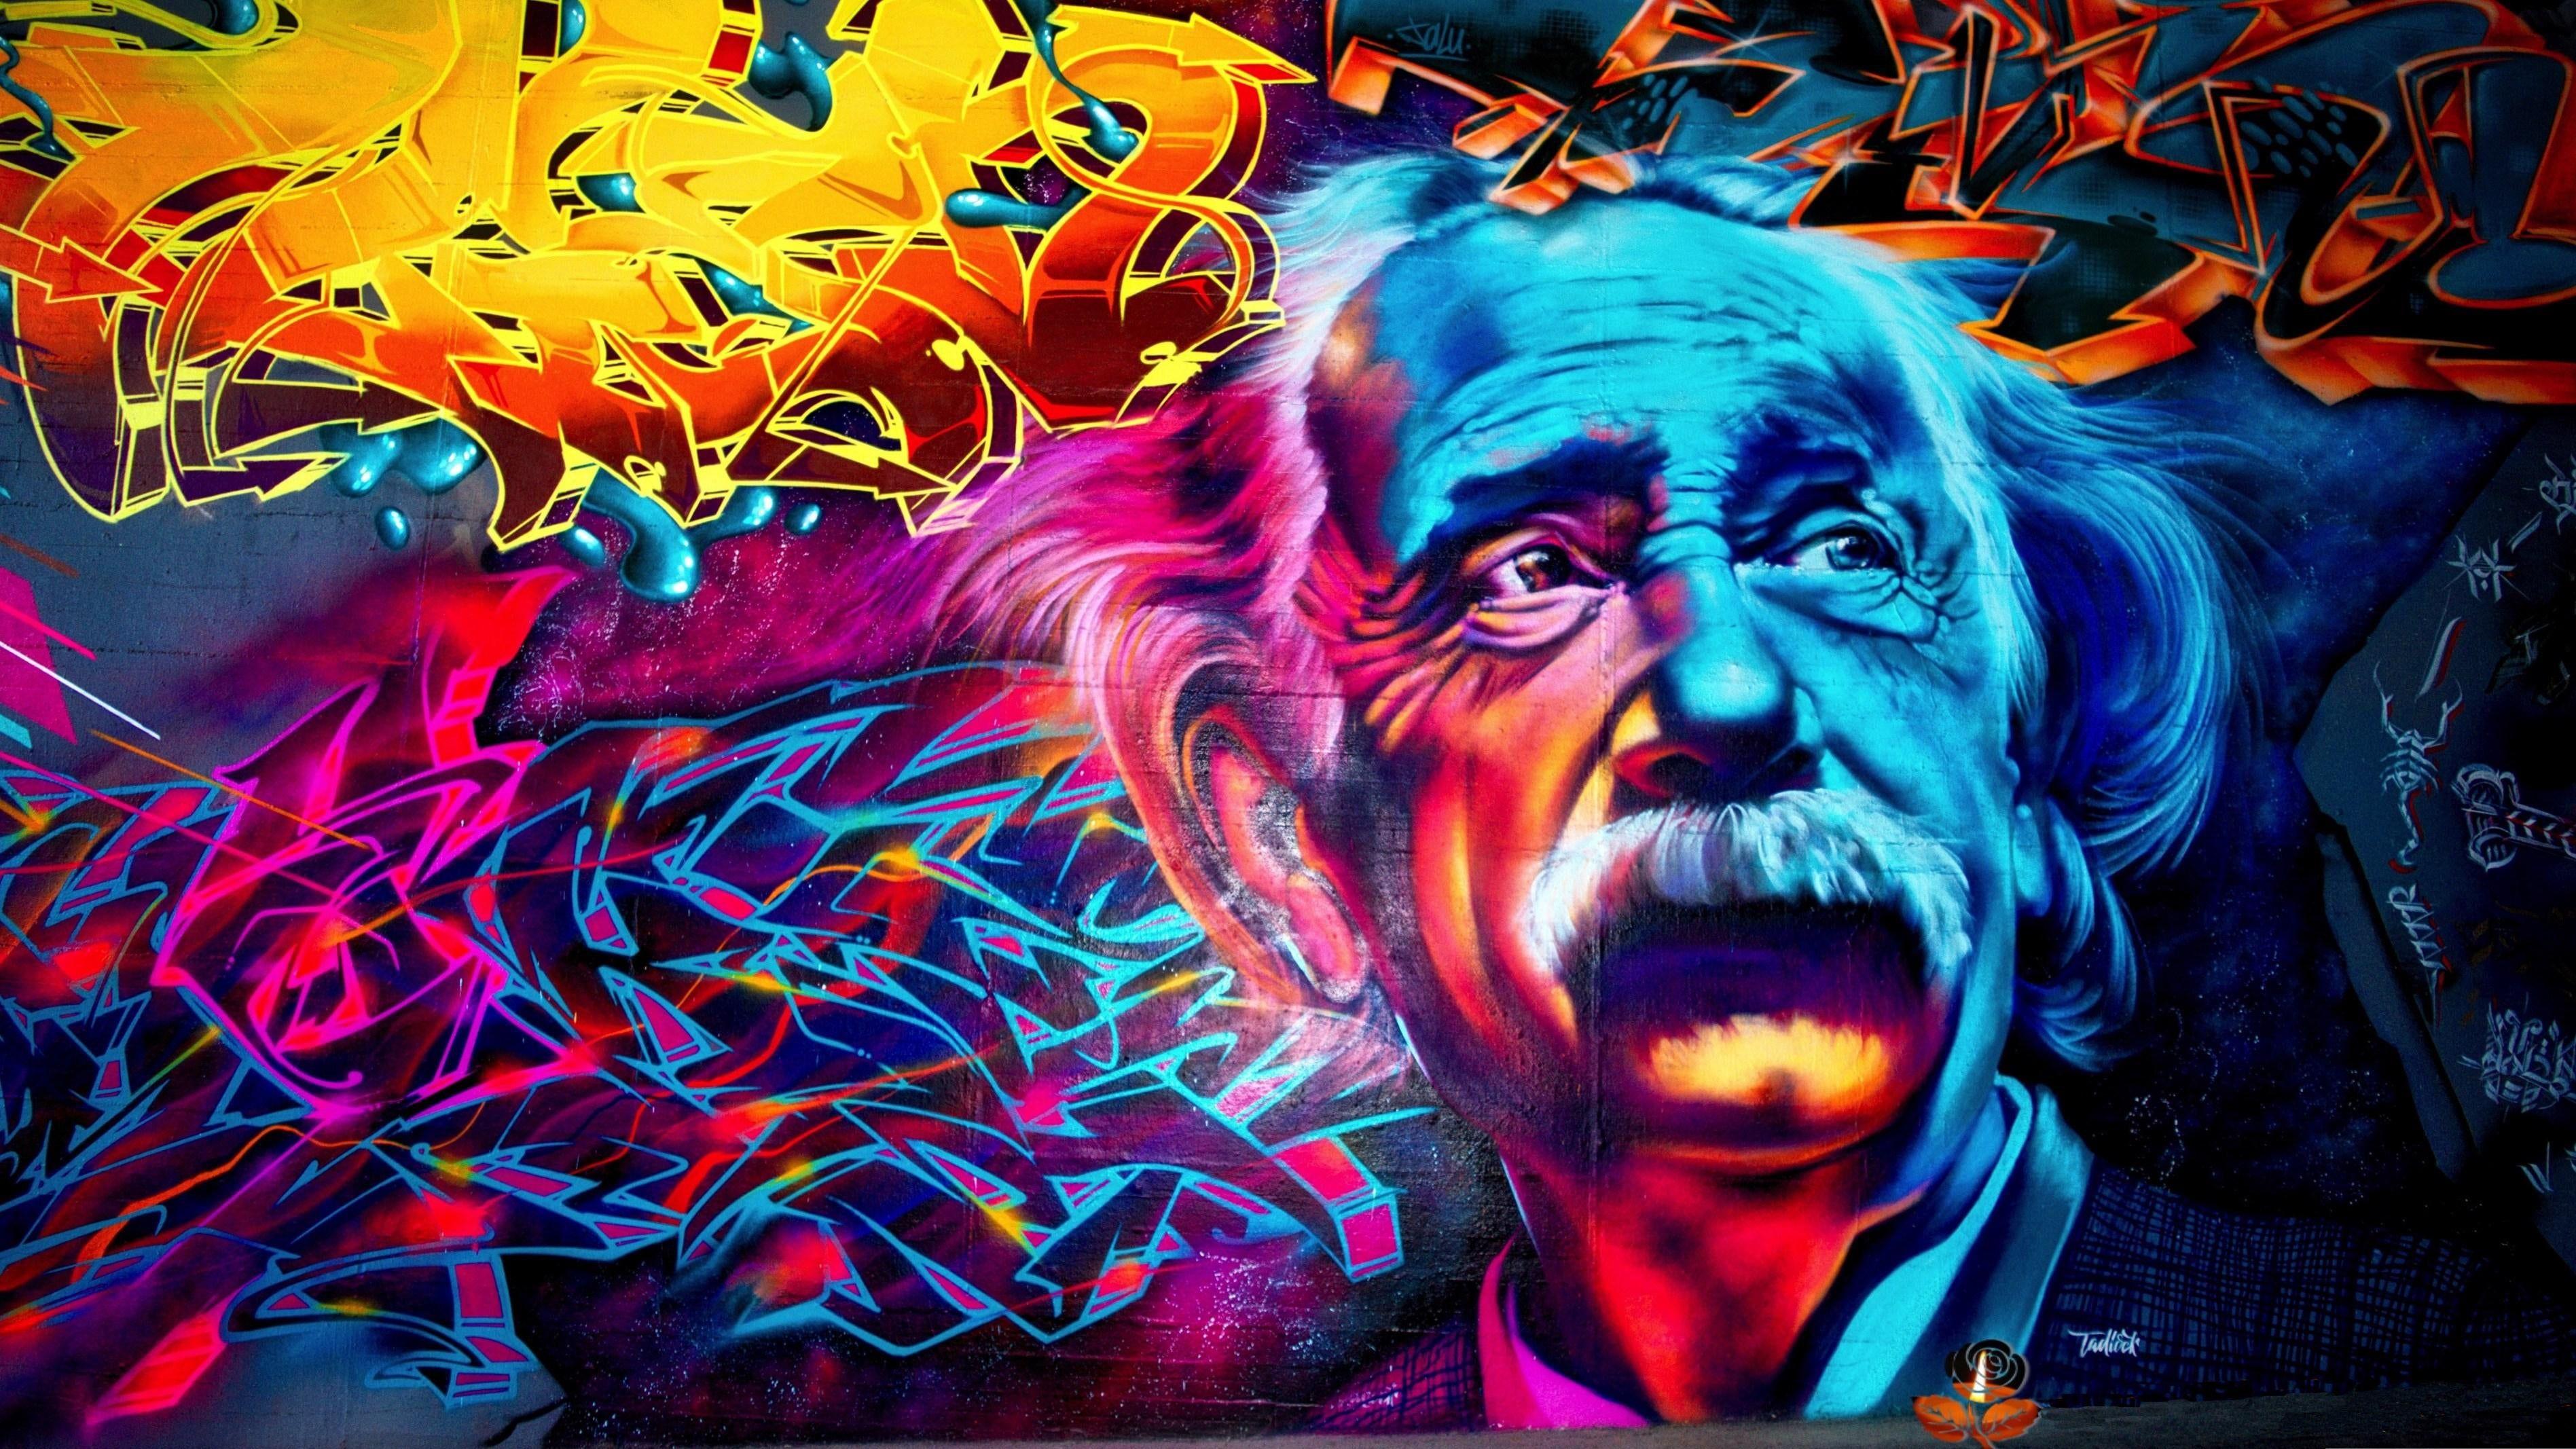 Einstein Graffiti Street Art HD wallpaper Wallpapers 4k para pc 3793x2134